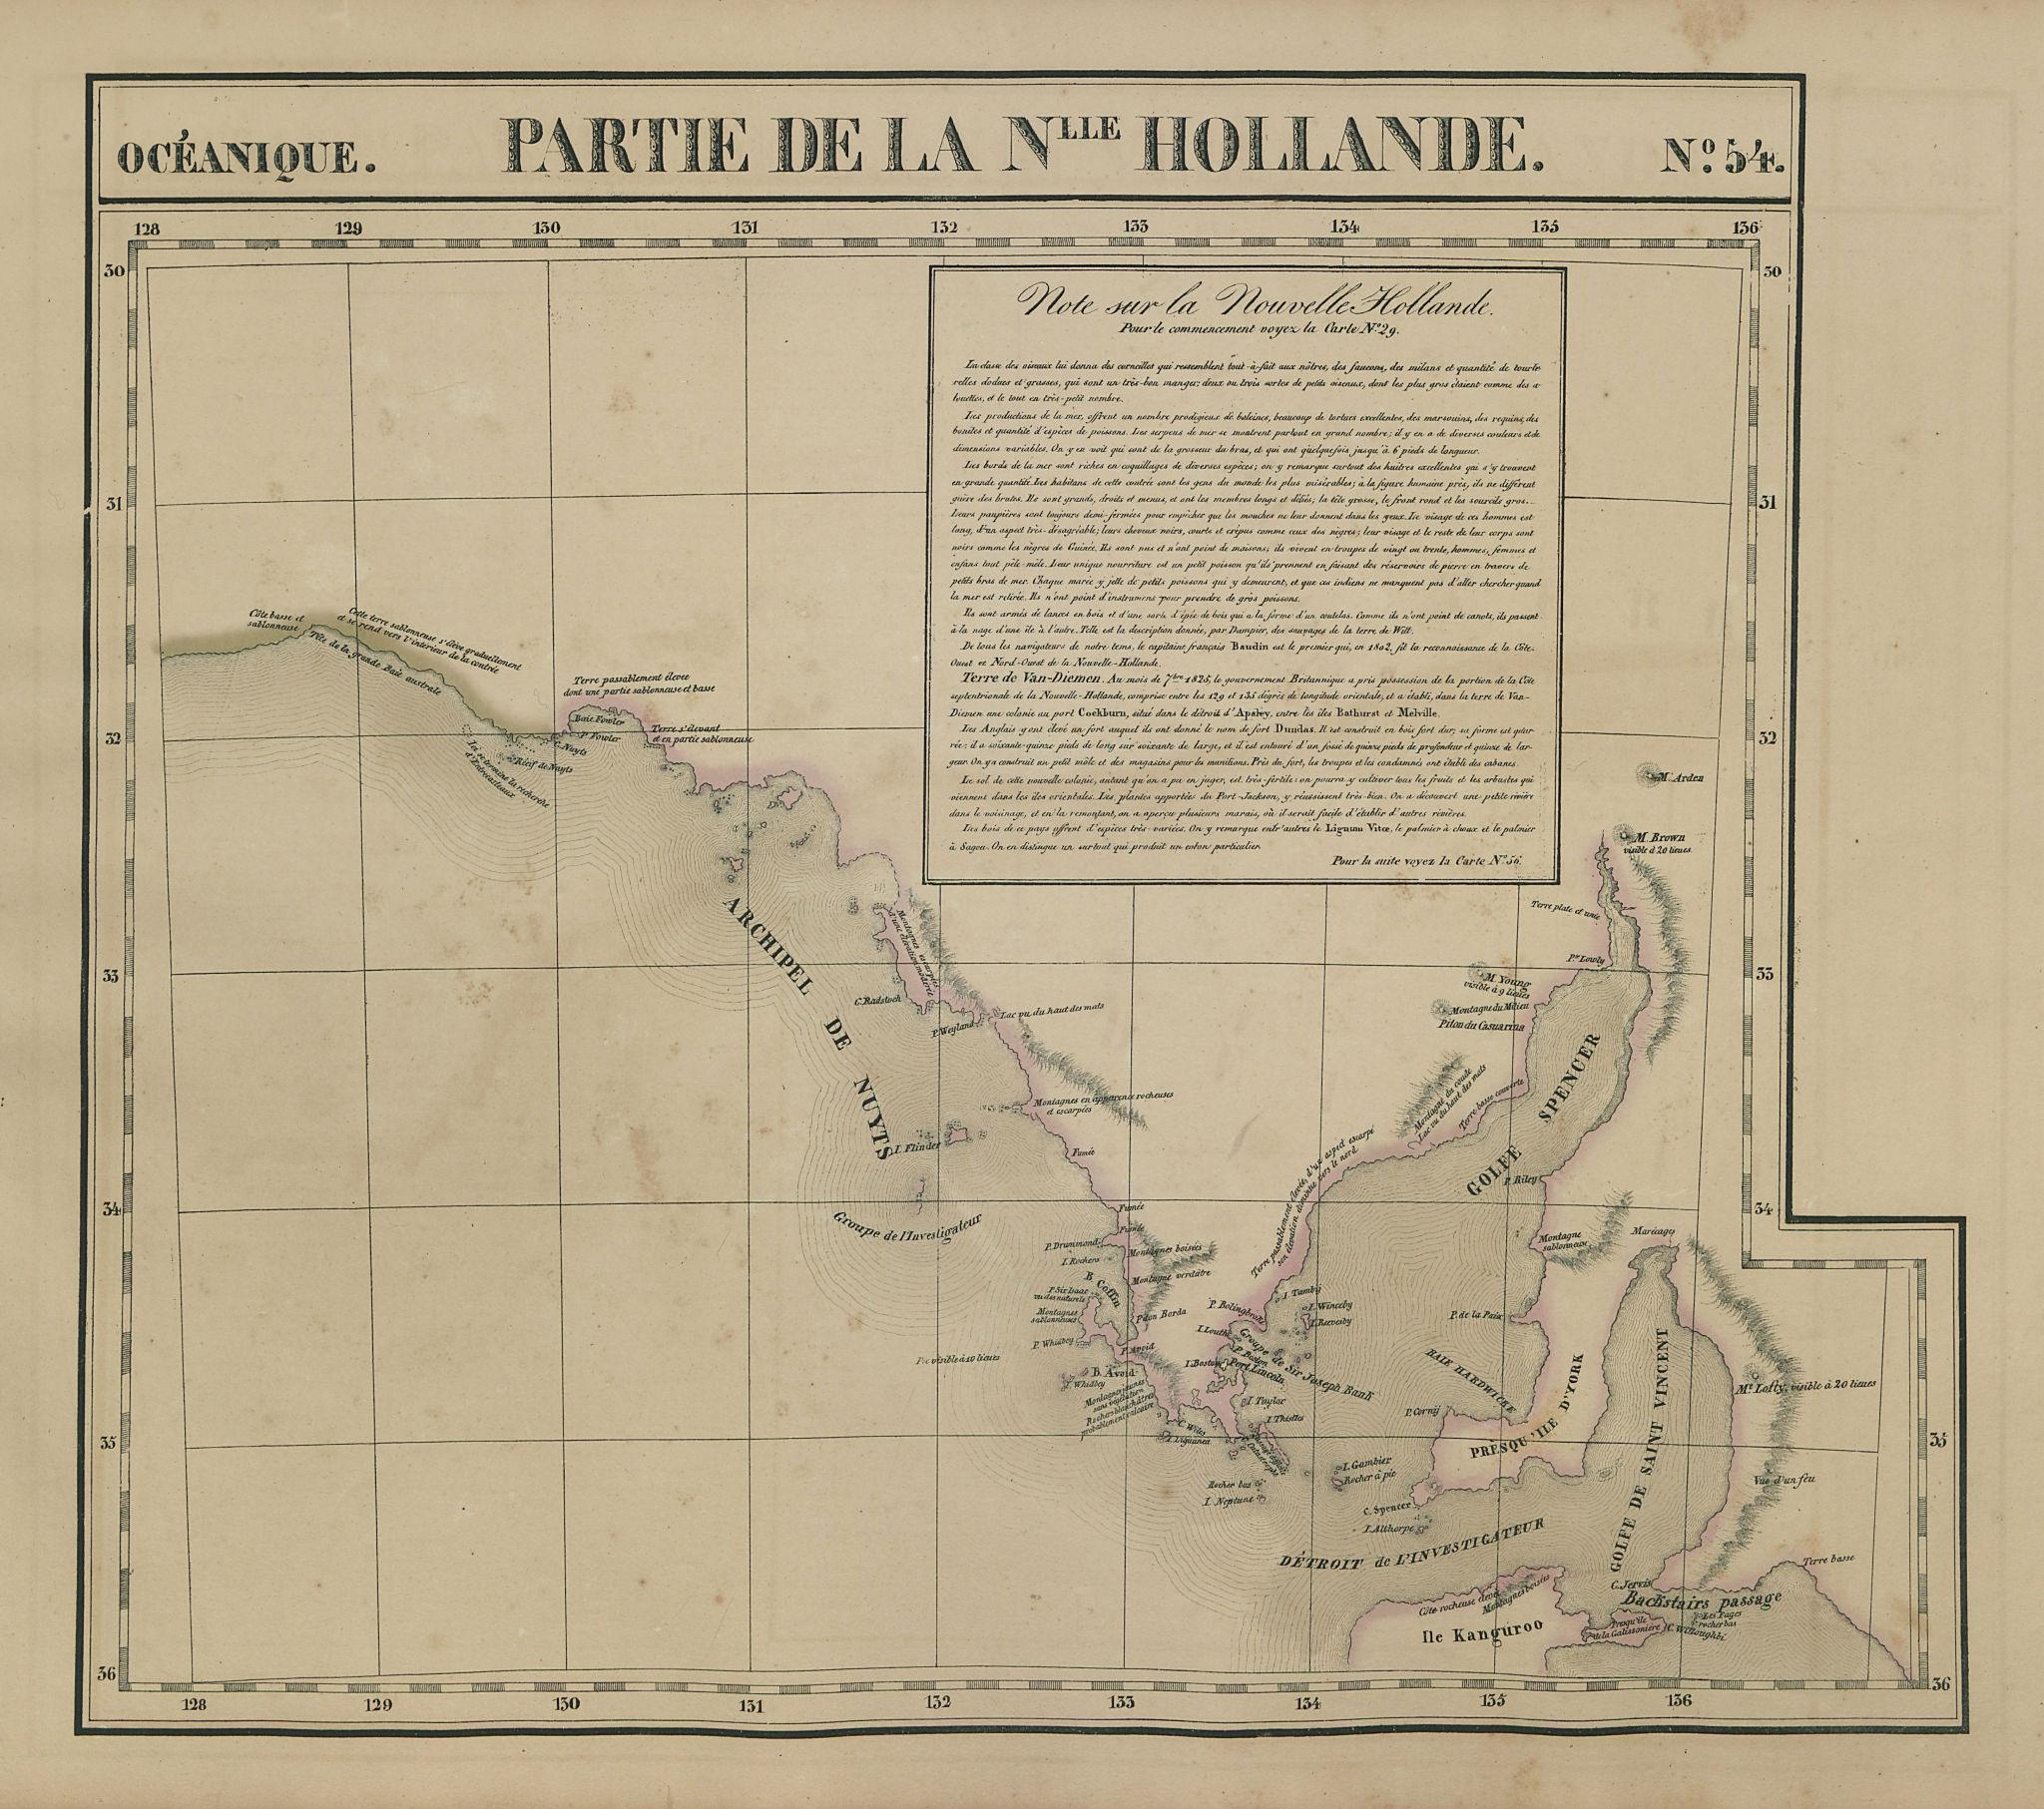 Océanique. Partie… Nlle Hollande #54 South Australia coast VANDERMAELEN 1827 map